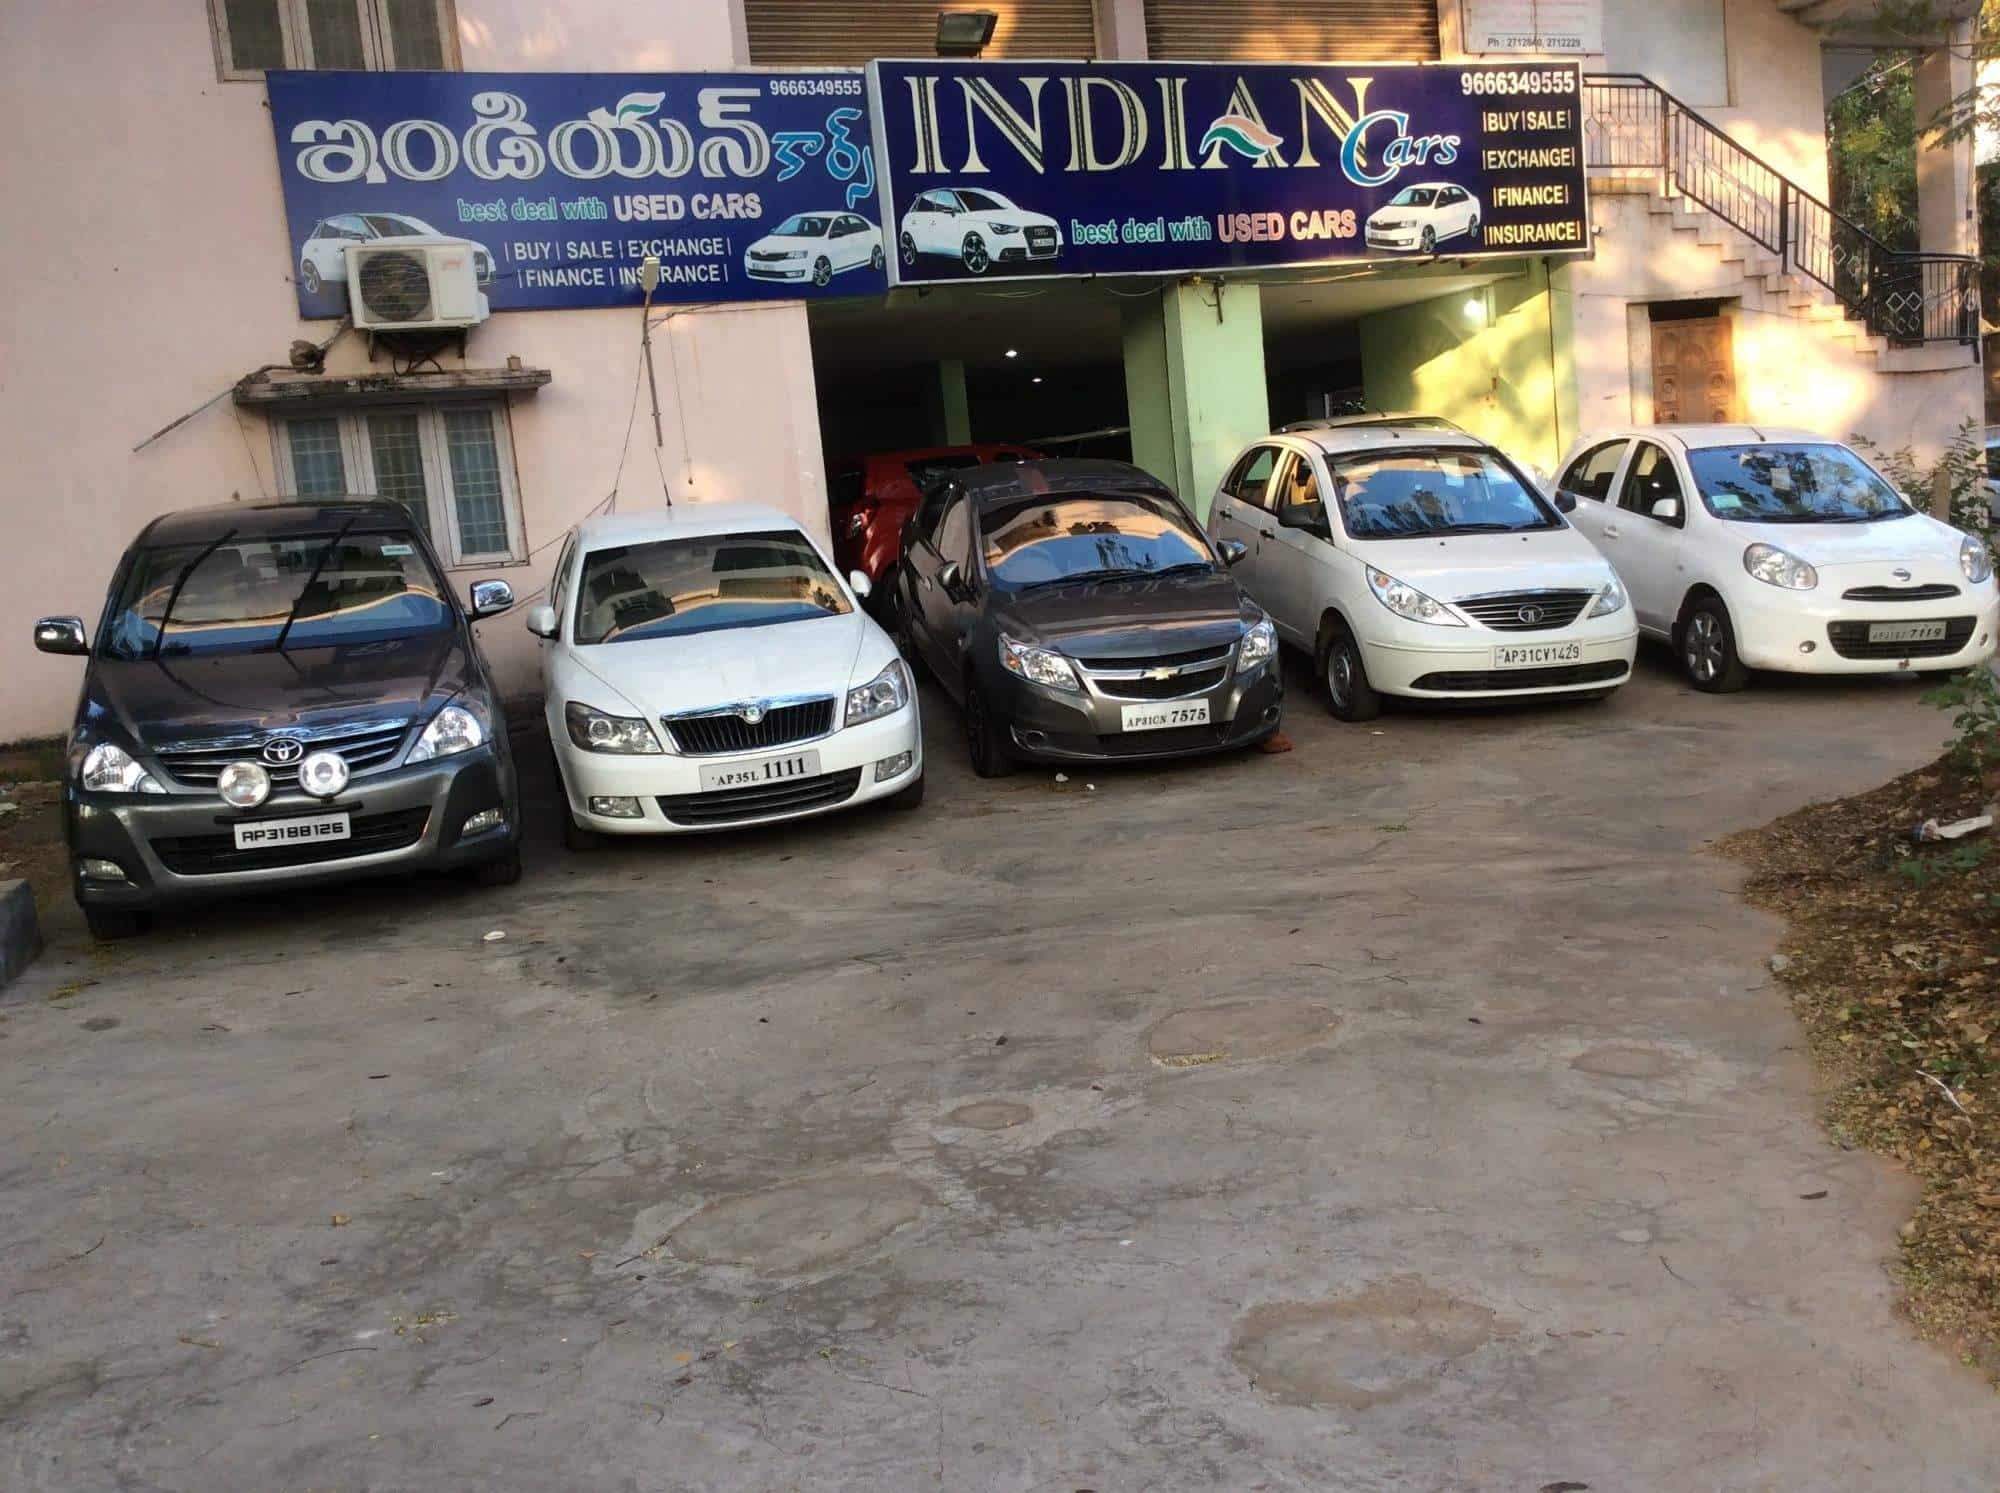 Indian Cars Photos Akkayyapalem Visakhapatnam Pictures Images